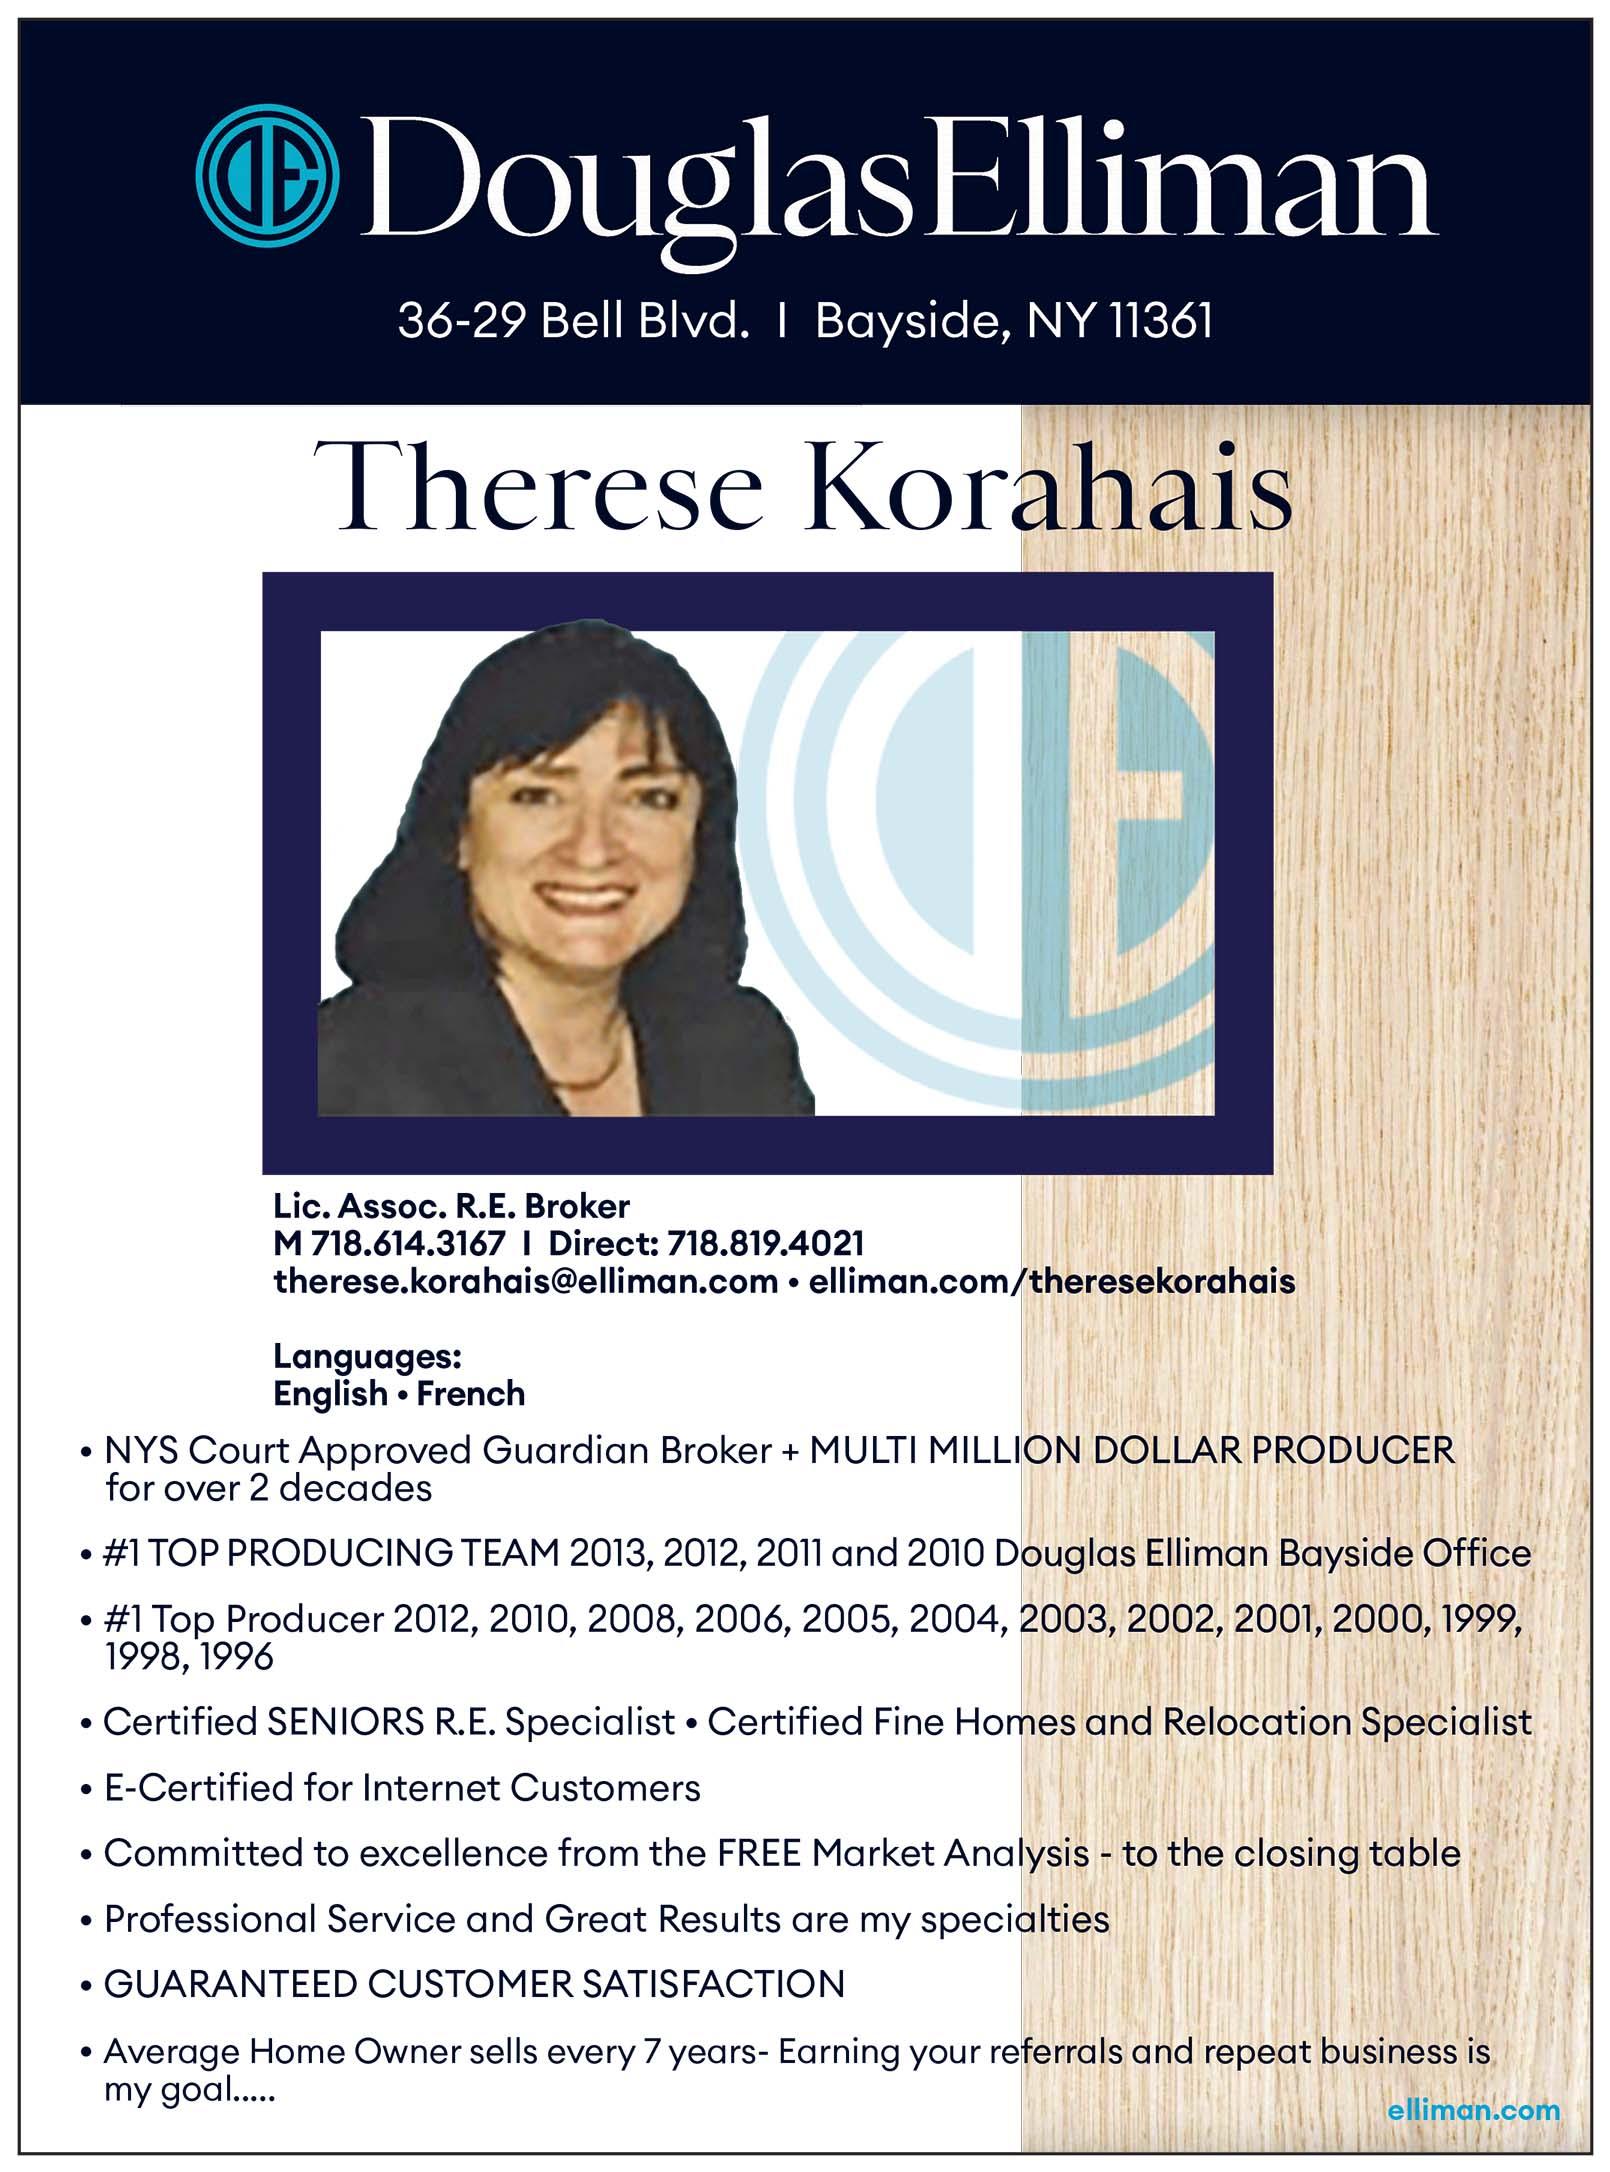 Therese Korahais Realtor Ad